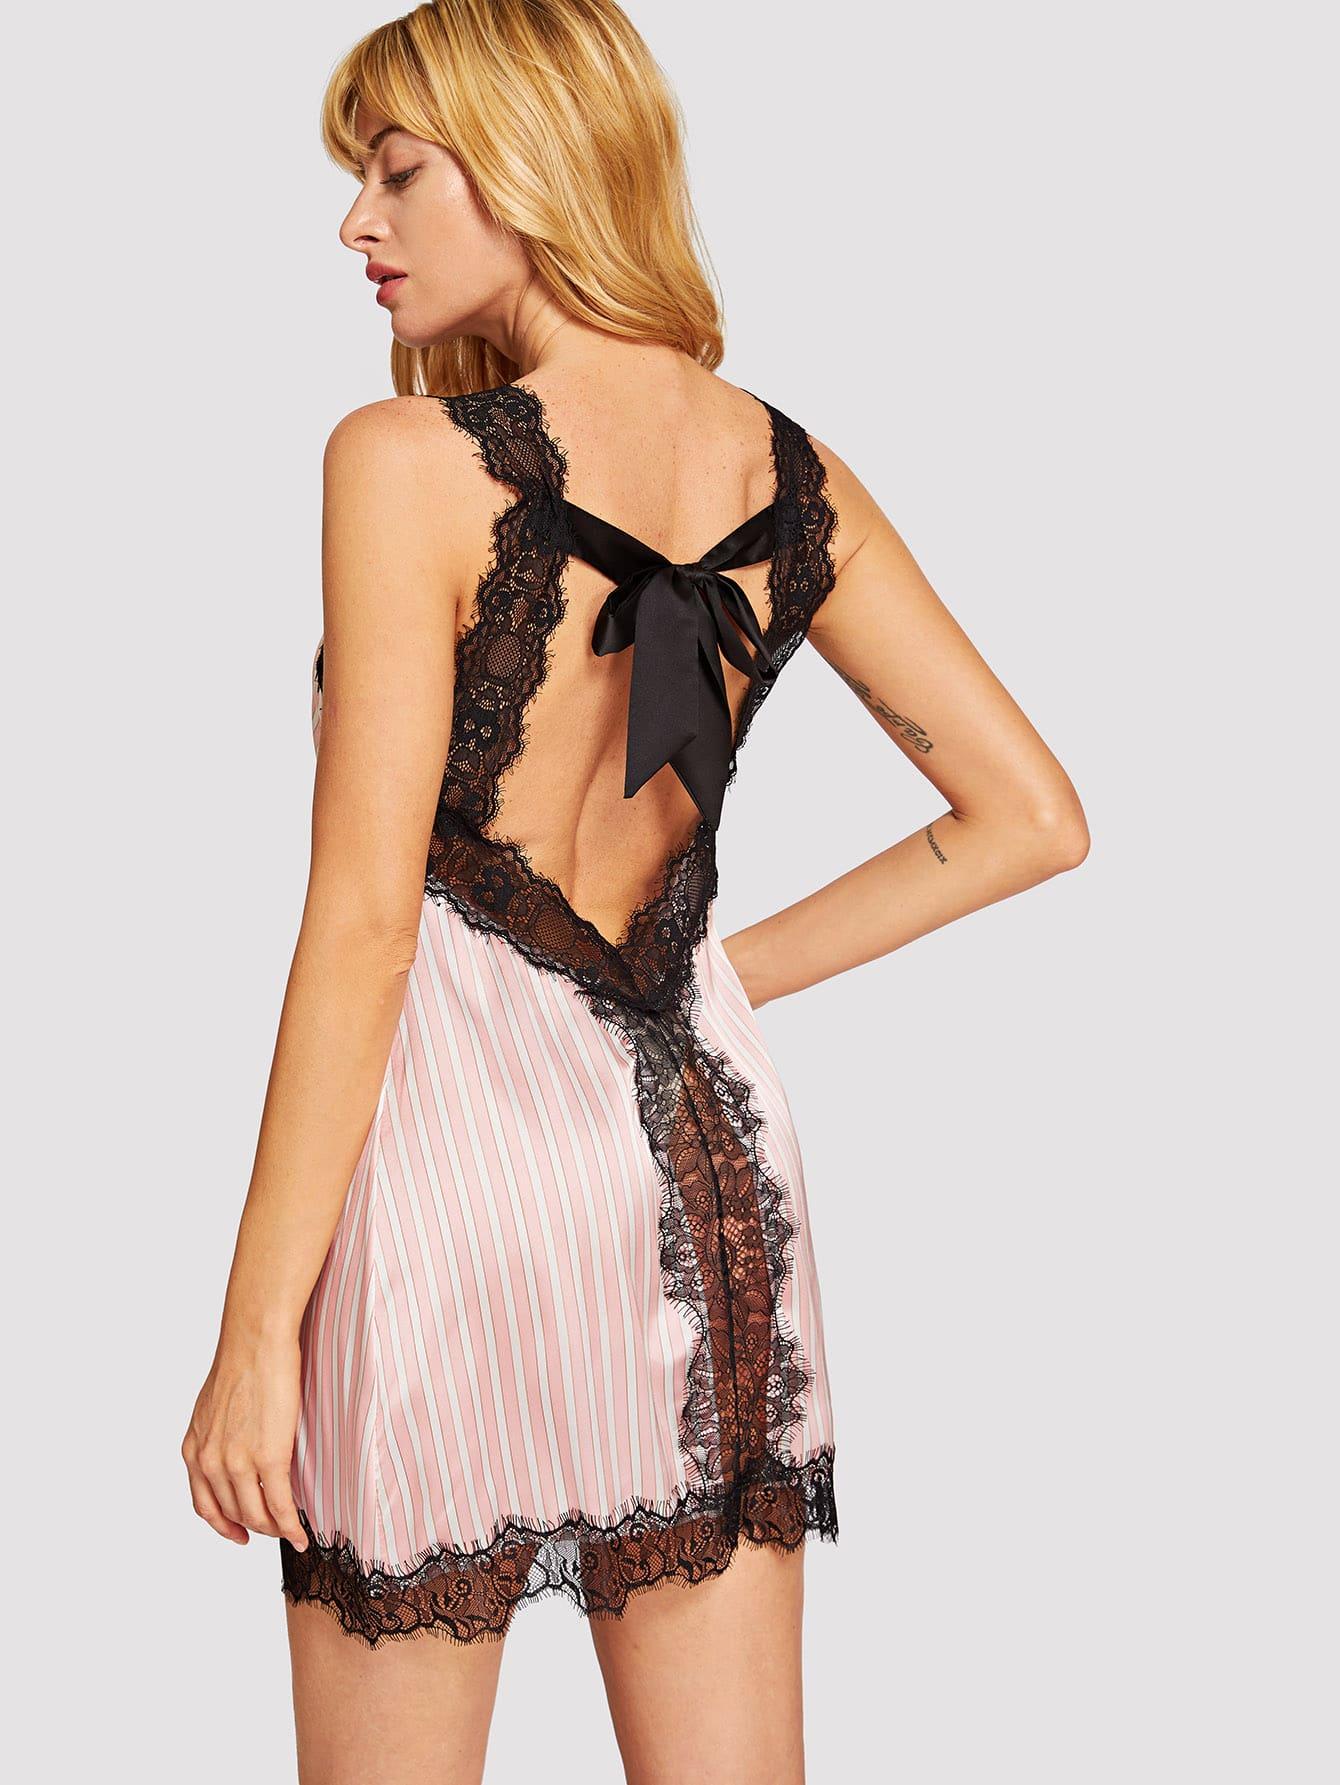 Купить Полосатая ночная сорочка с бантом и кружевами, Masha, SheIn